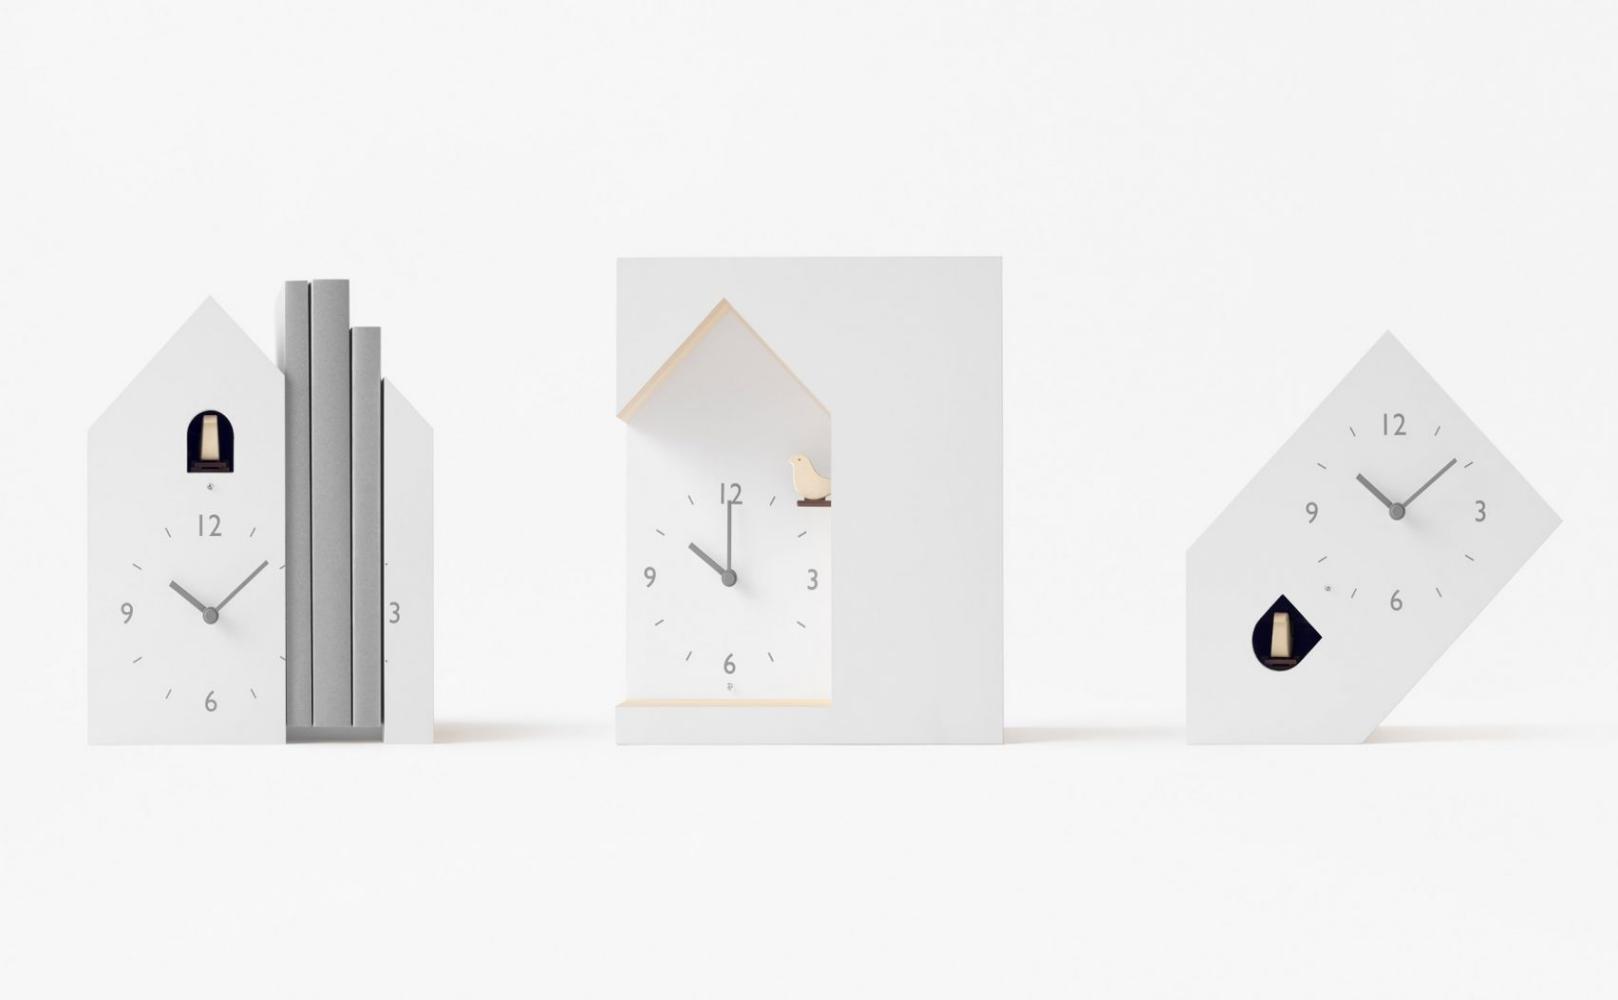 xxnendo-cuckoo-clocks-design_dezeen_2364_hero-1-1704x959